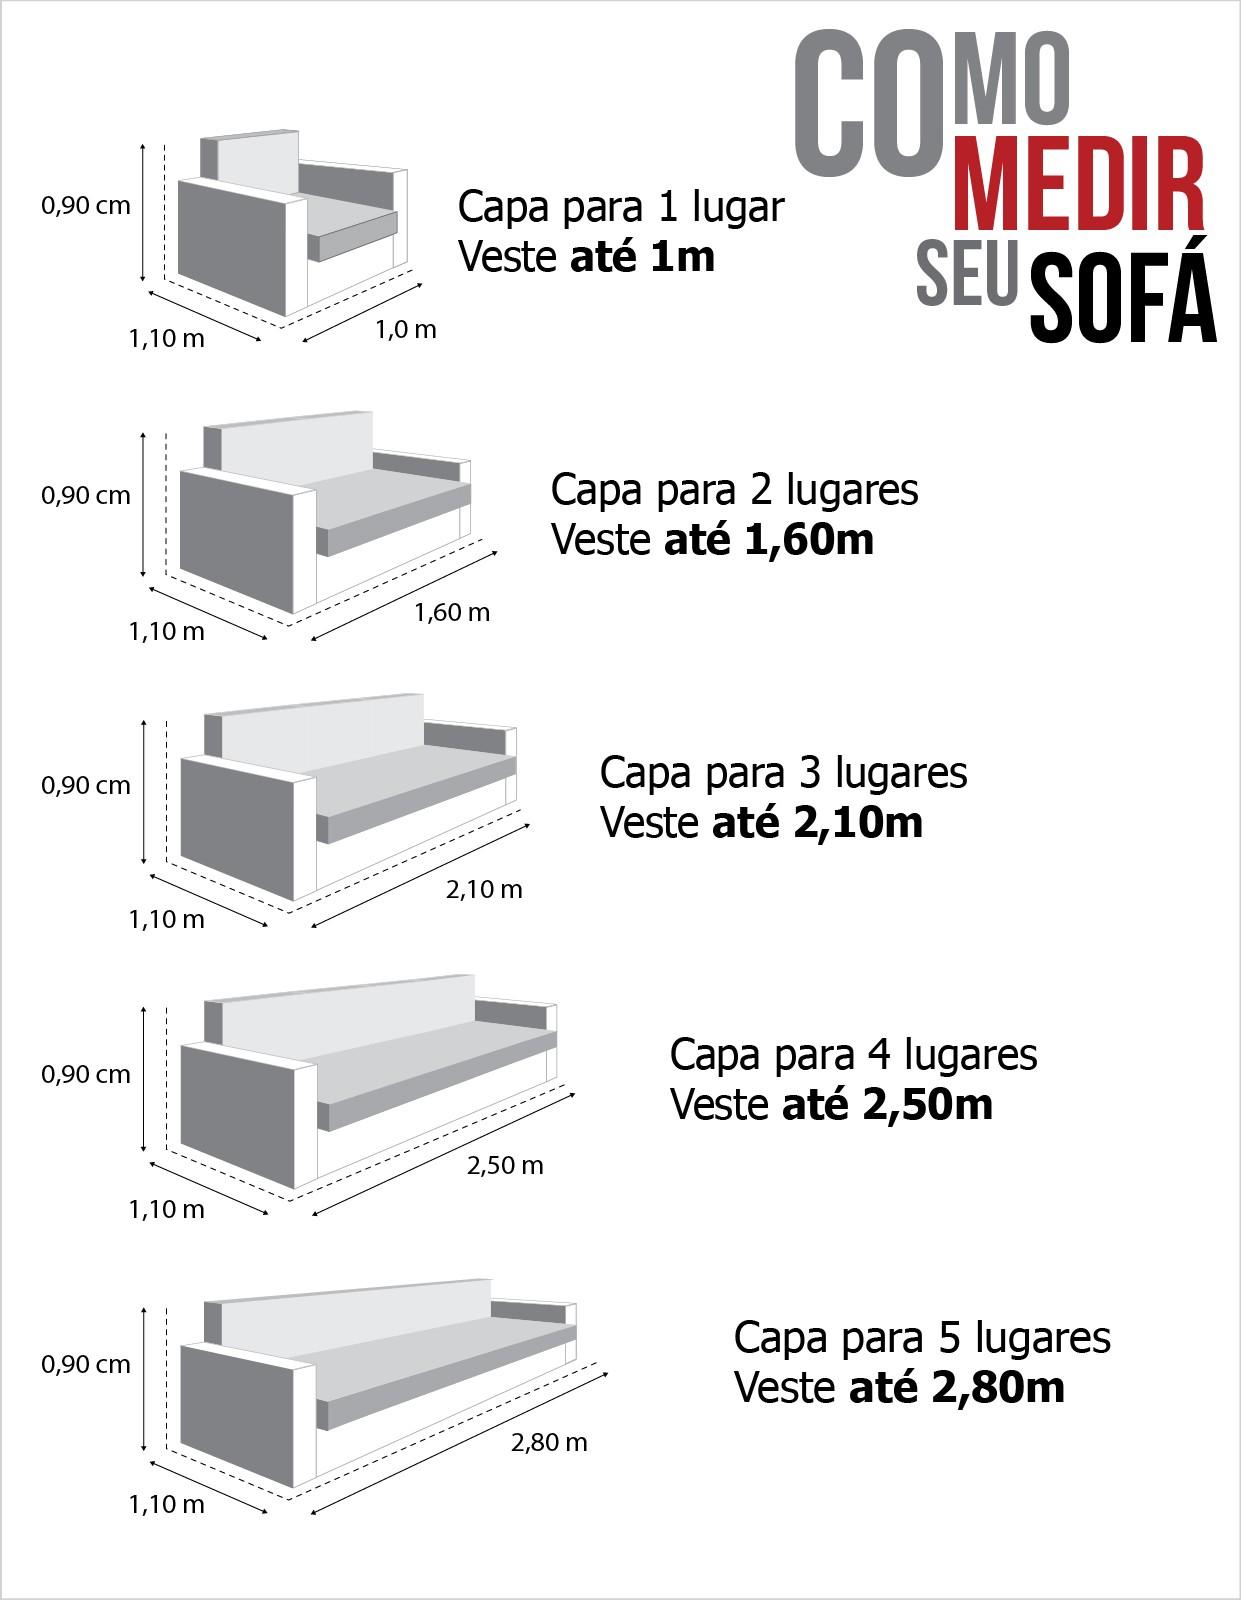 Capa para Sofá de 4 Lugares em Brim Sarja 100% Algodão